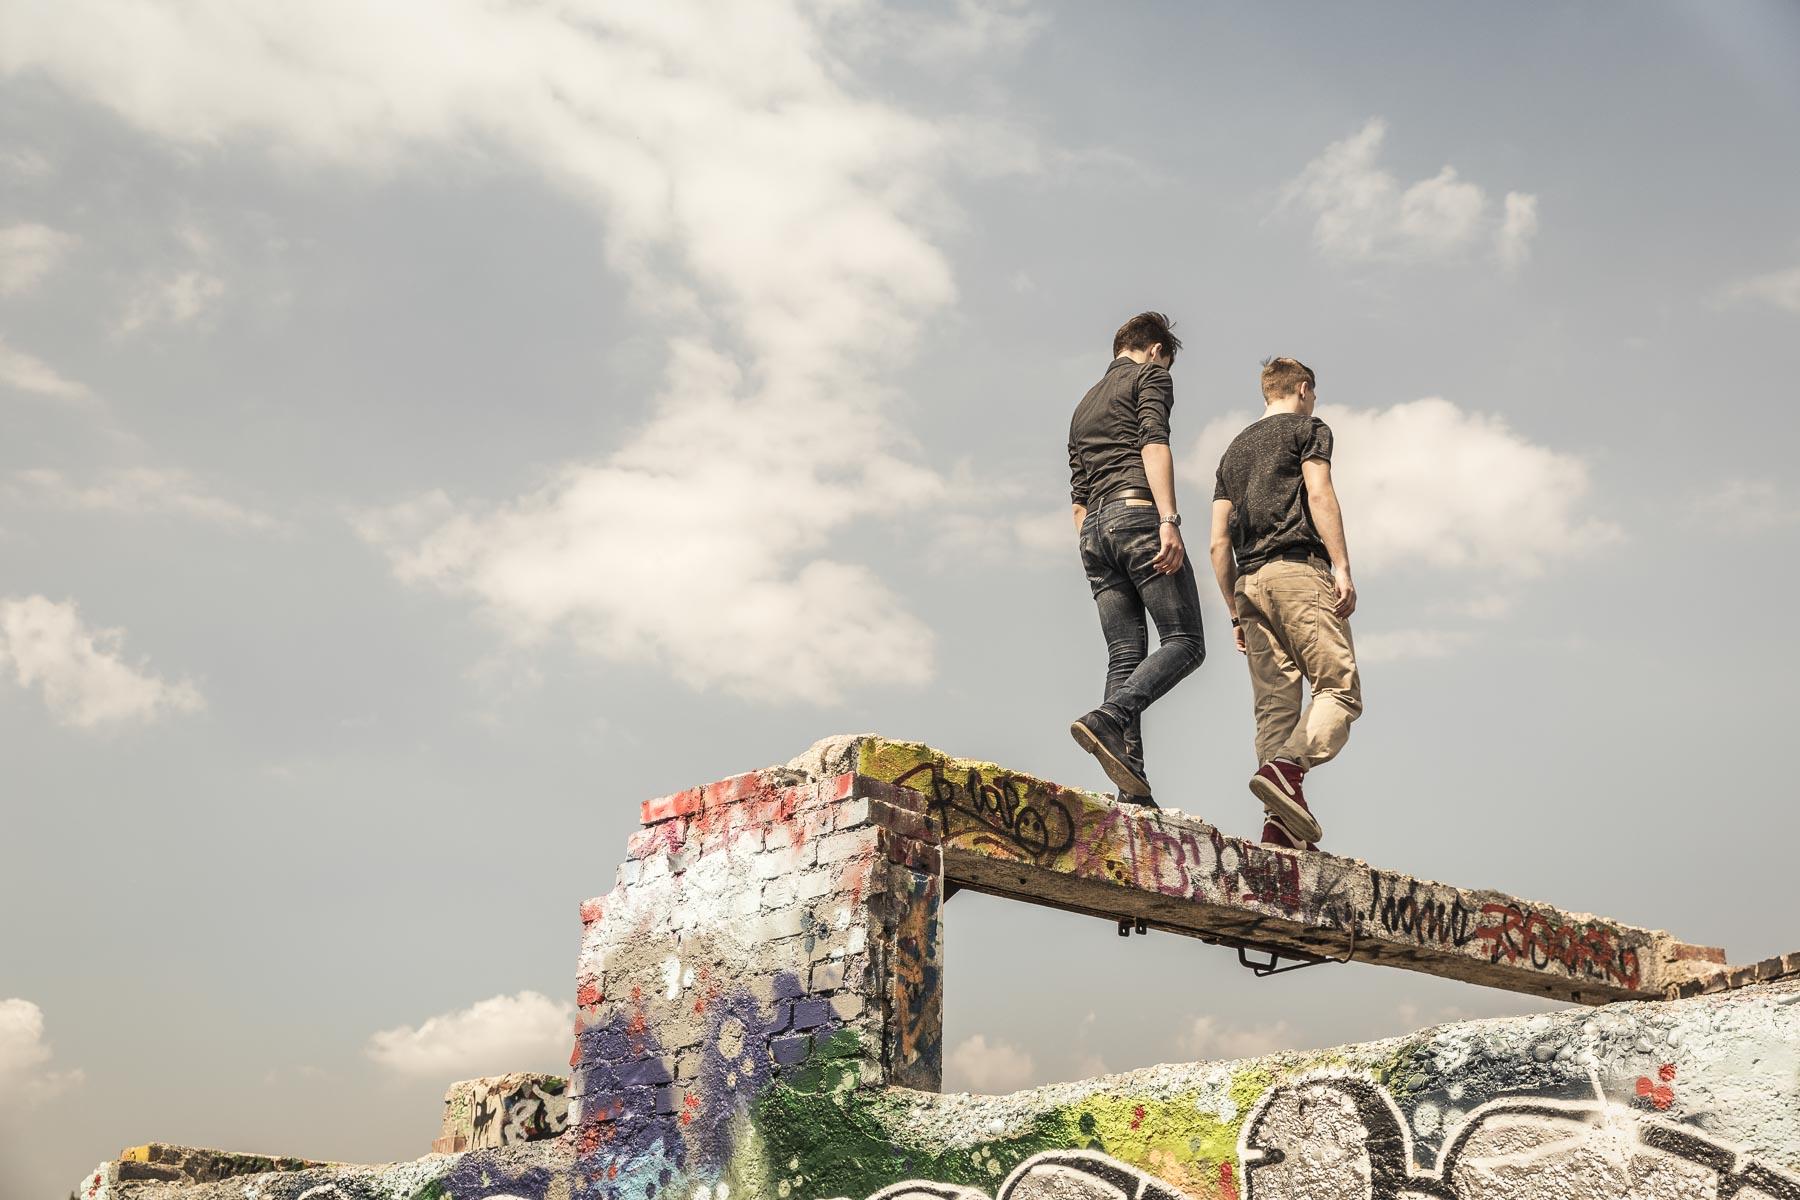 Zwei Teenager laufen auf einem Mauer. Lifestyle - Derek Henthorn - Fotograf München